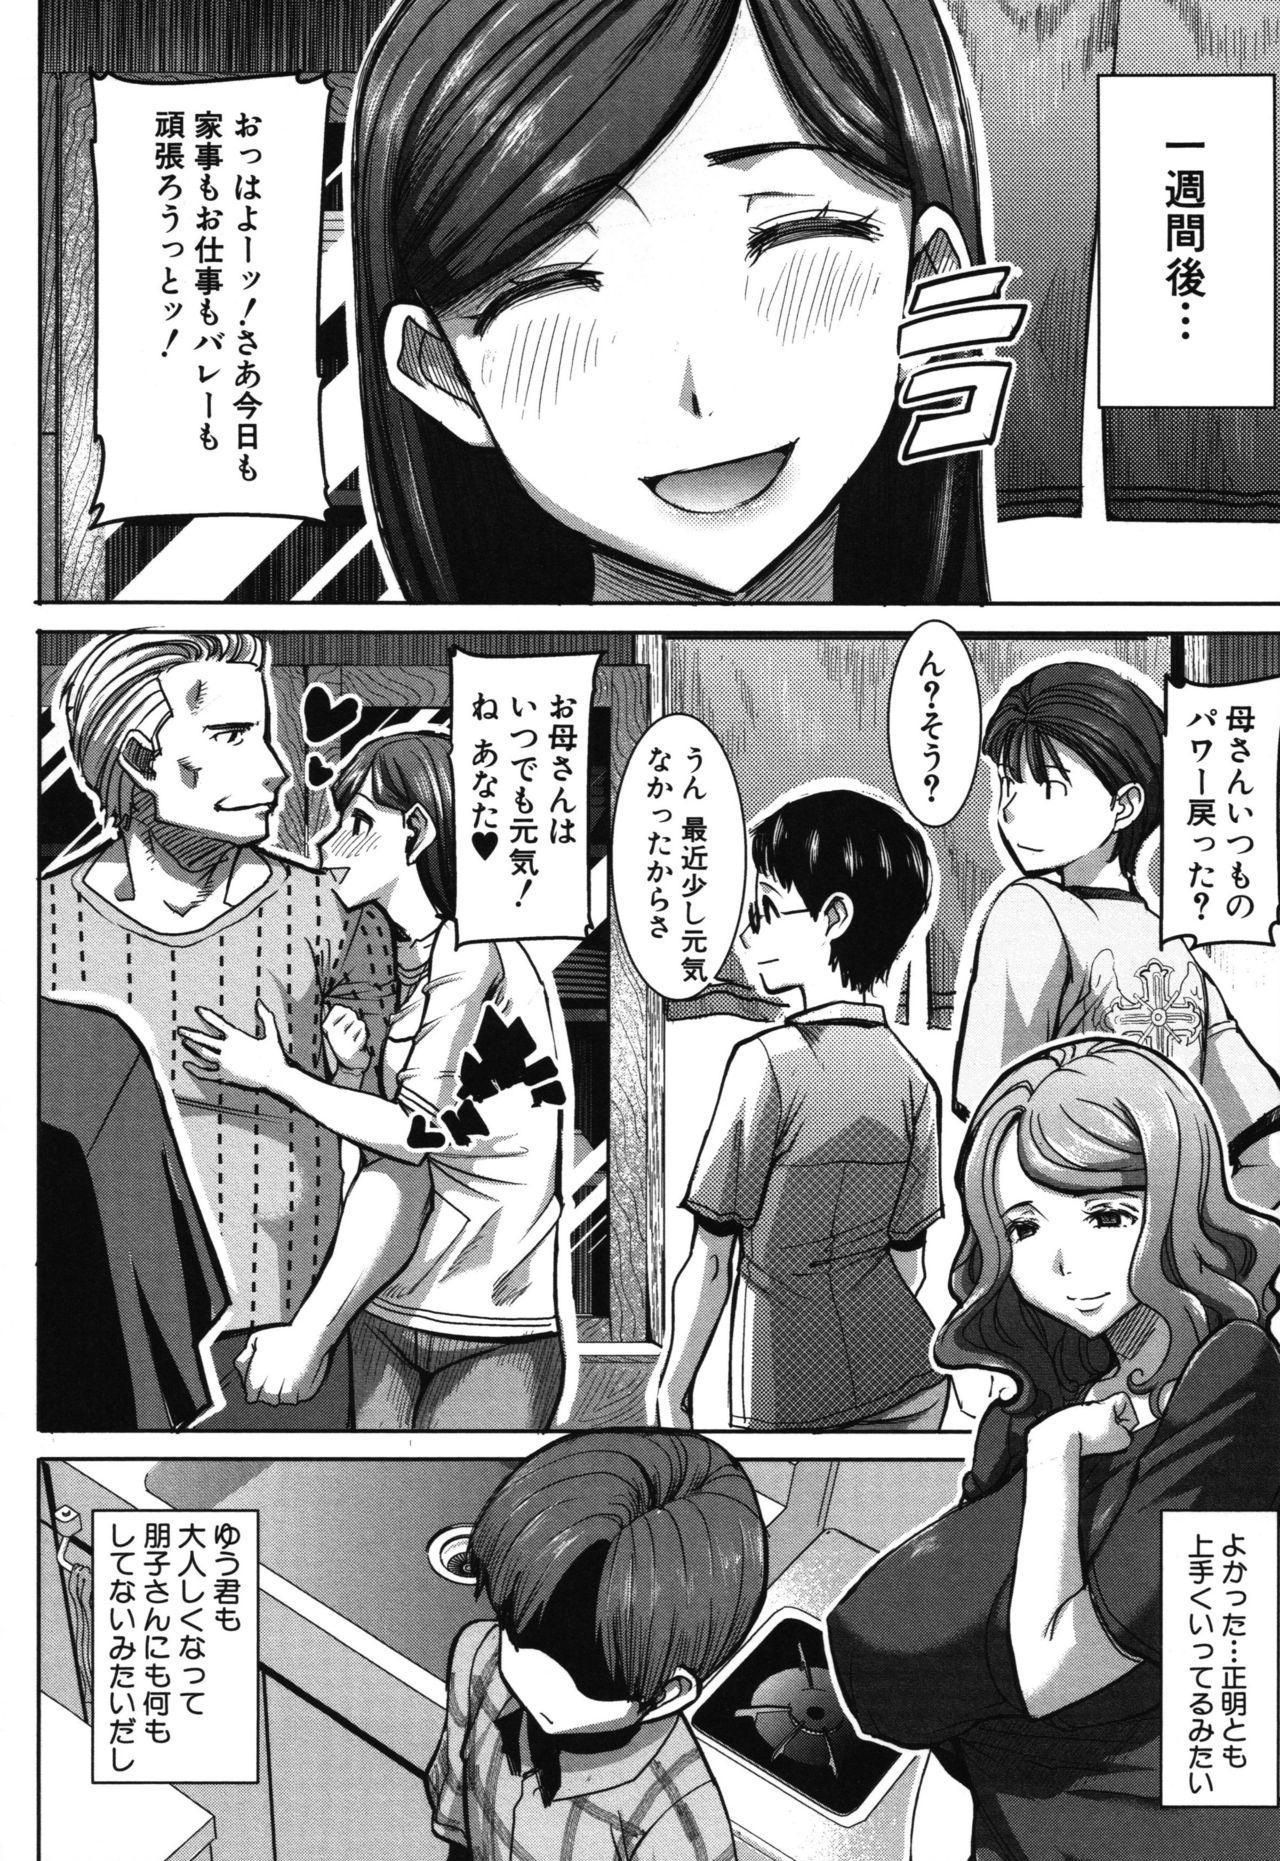 Unsweet - Asahina Ikka Netorareta Haha · Tomoko 85